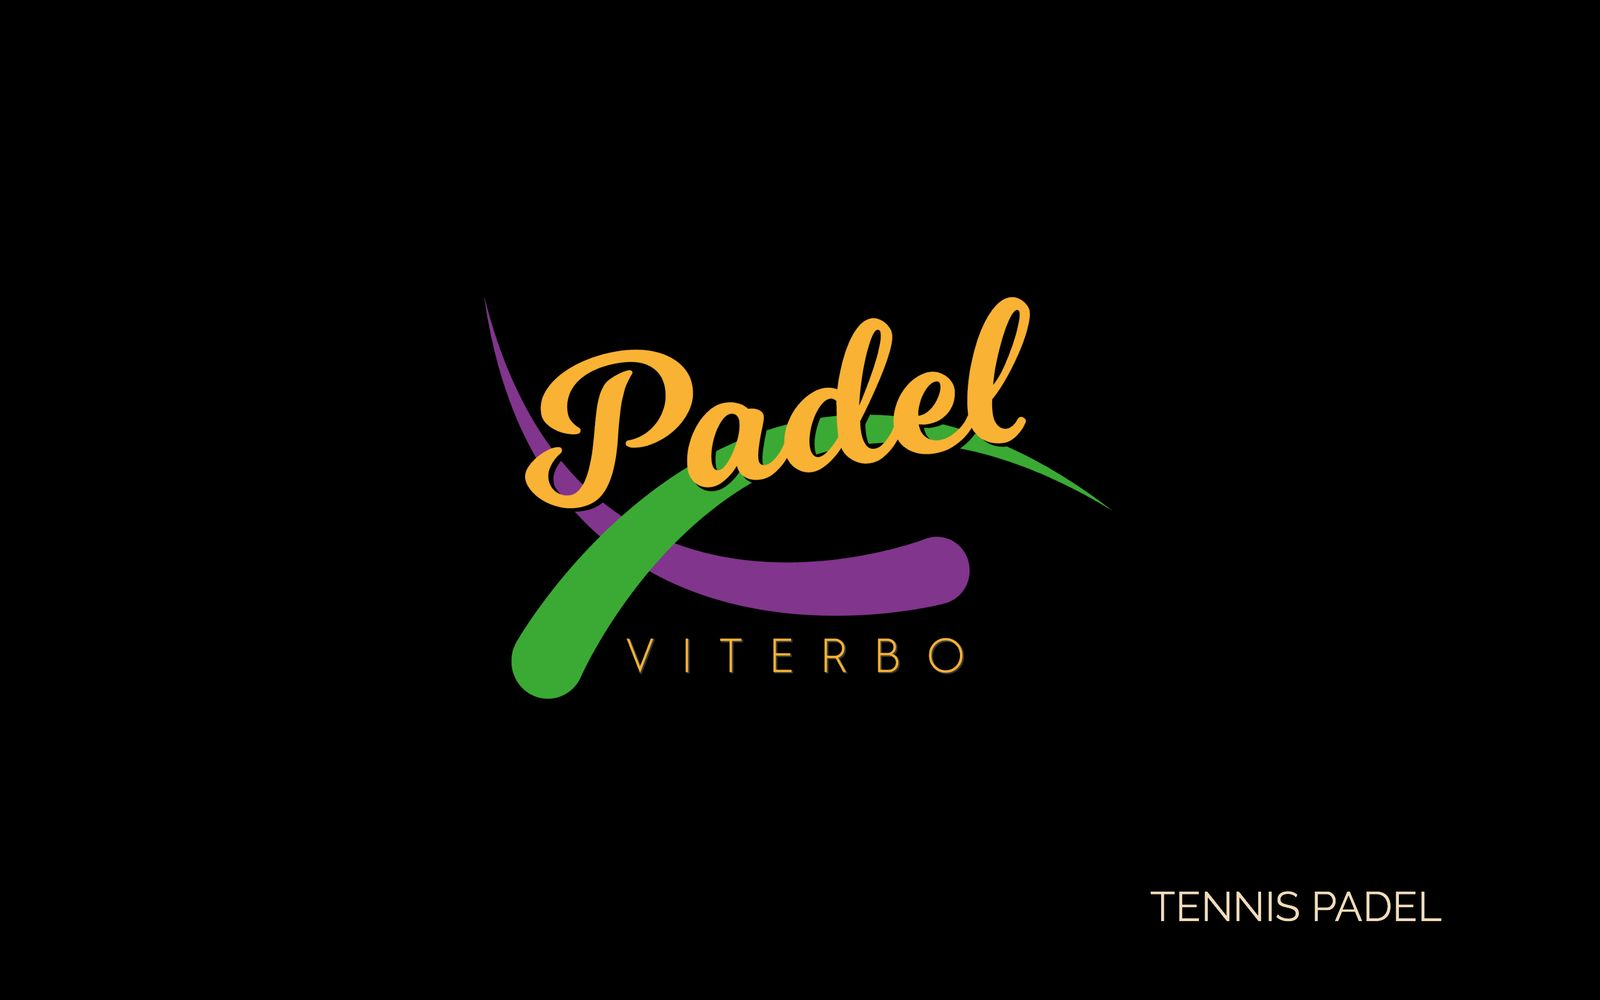 tennis-padel